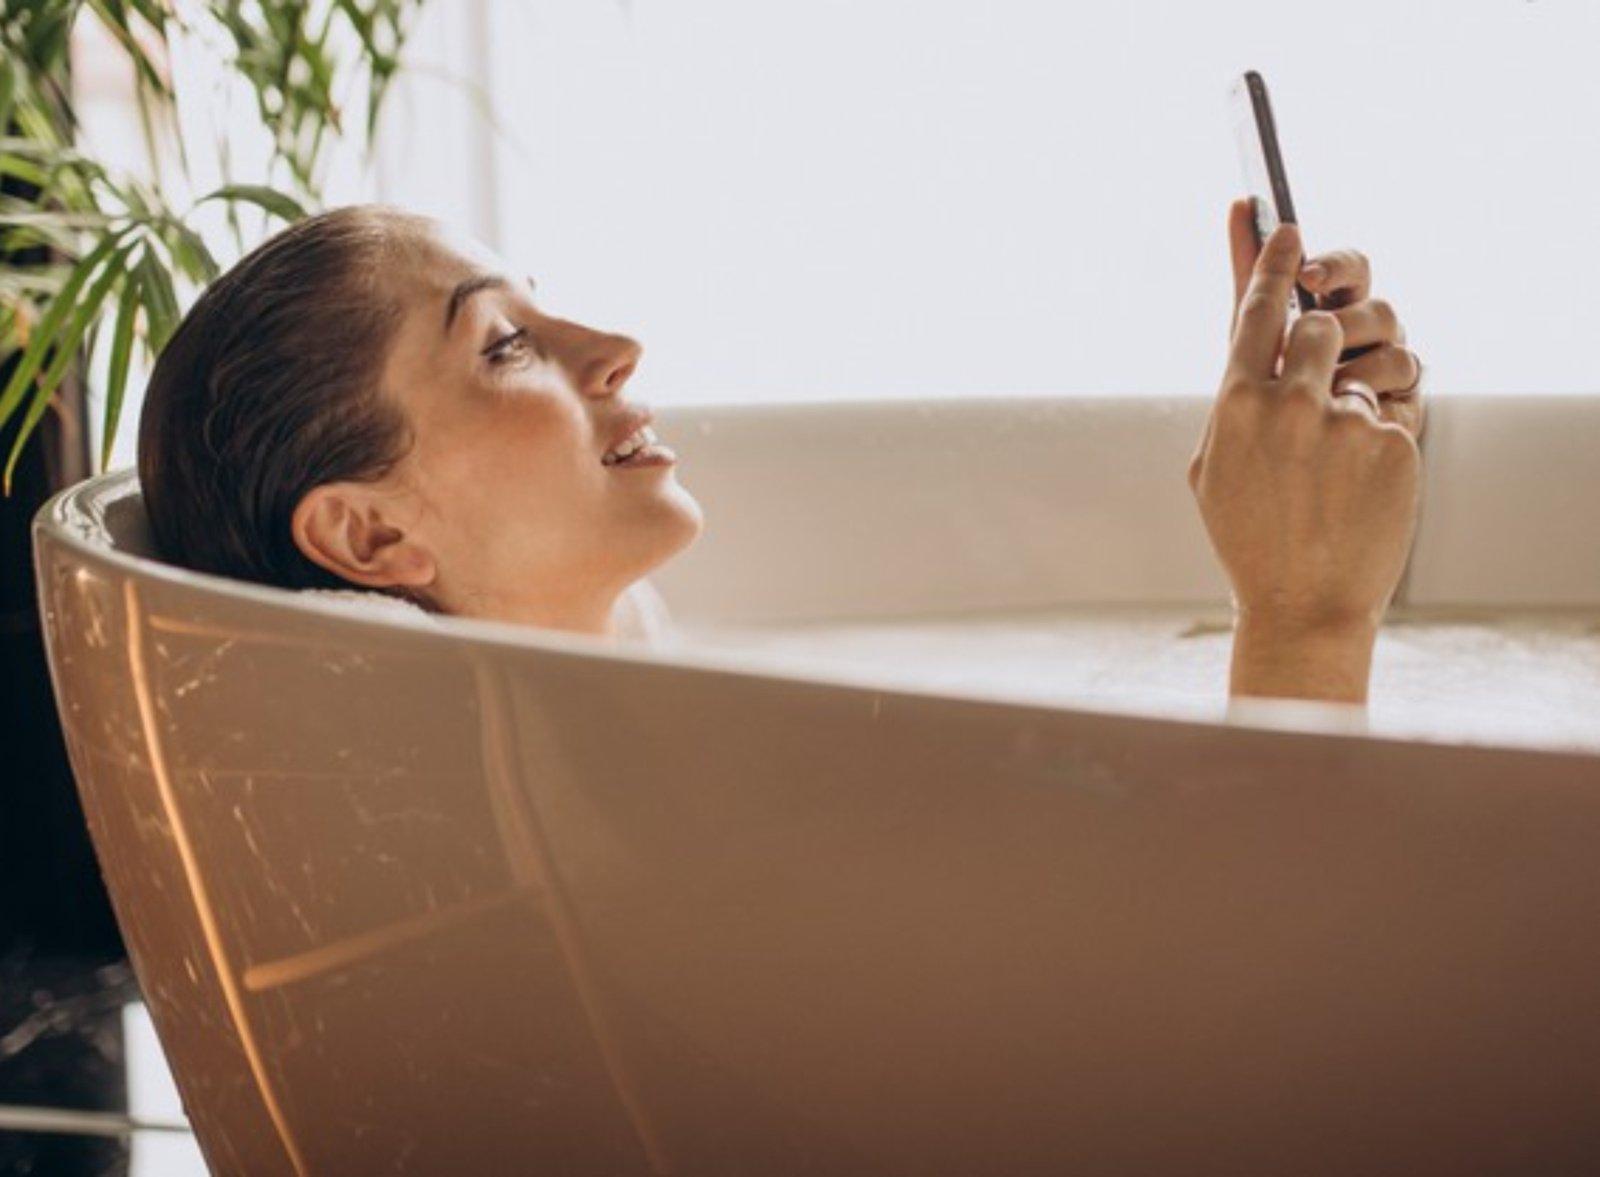 Jauną moterį pražudė į vonią netyčia įmestas mobilusis telefonas